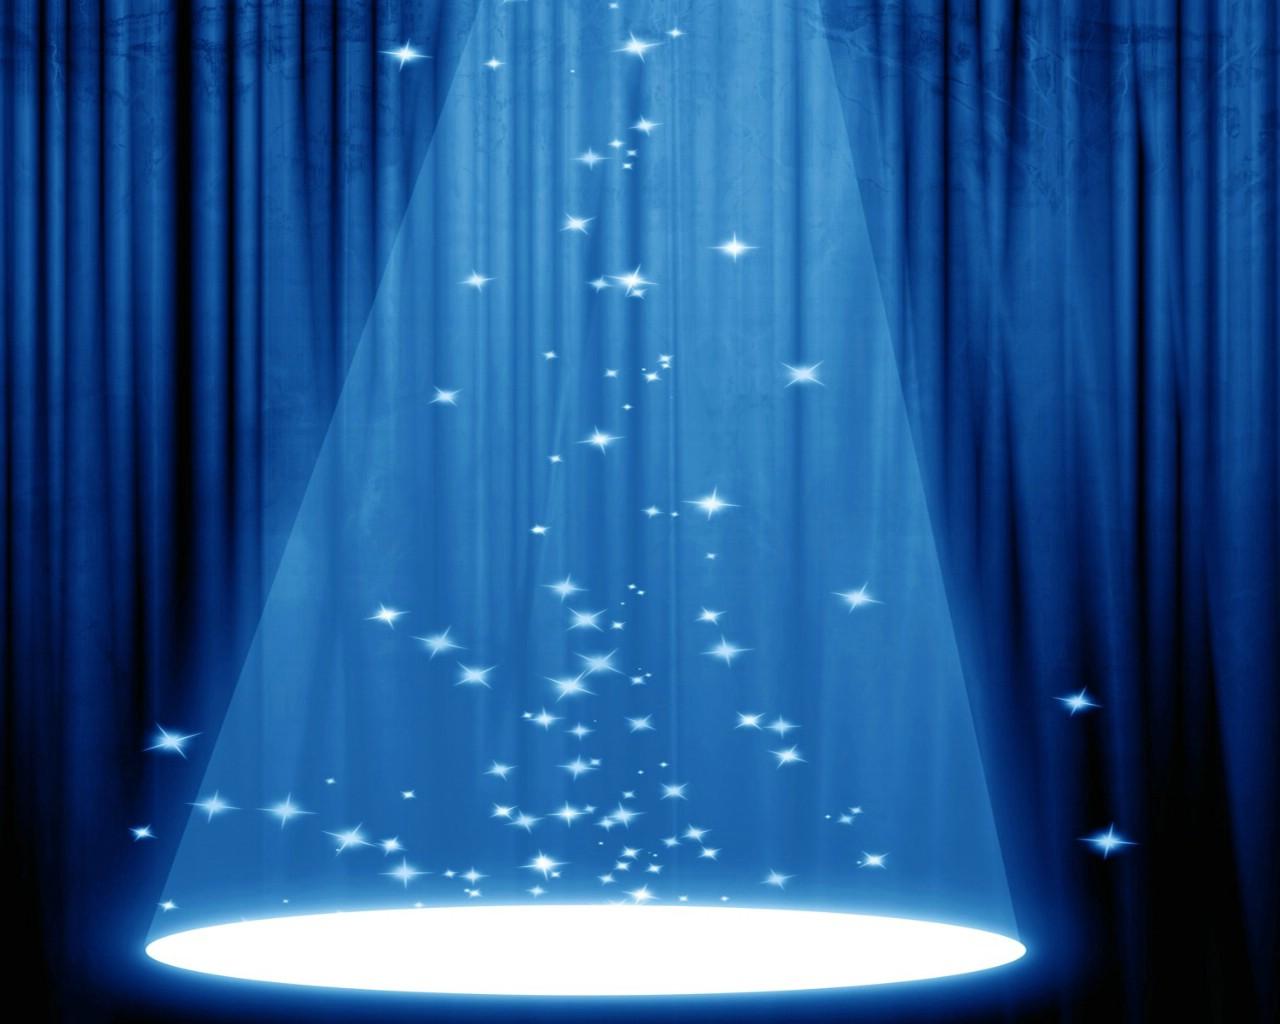 壁纸1280×1024蓝色系 舞台灯光背景图片 1920 1200壁纸 蓝色系蓝调主题抽象CG背景壁纸图片插画壁纸插画图片素材桌面壁纸